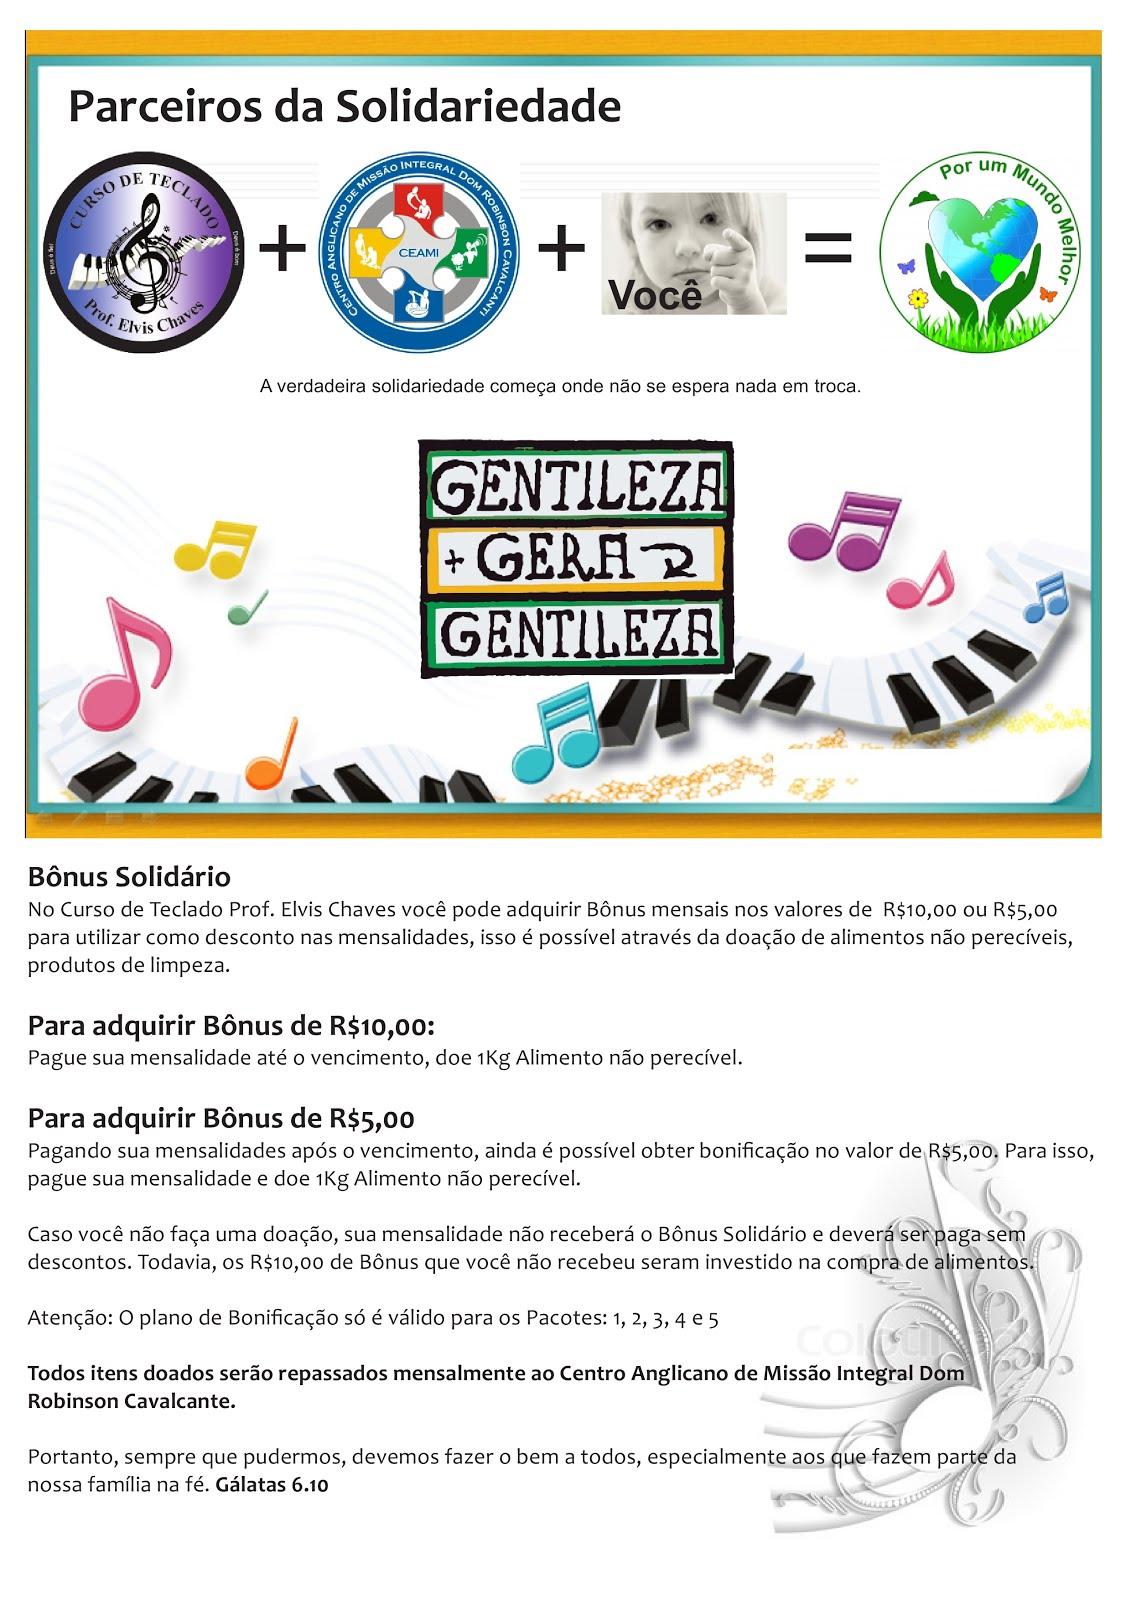 Bônus Solidario